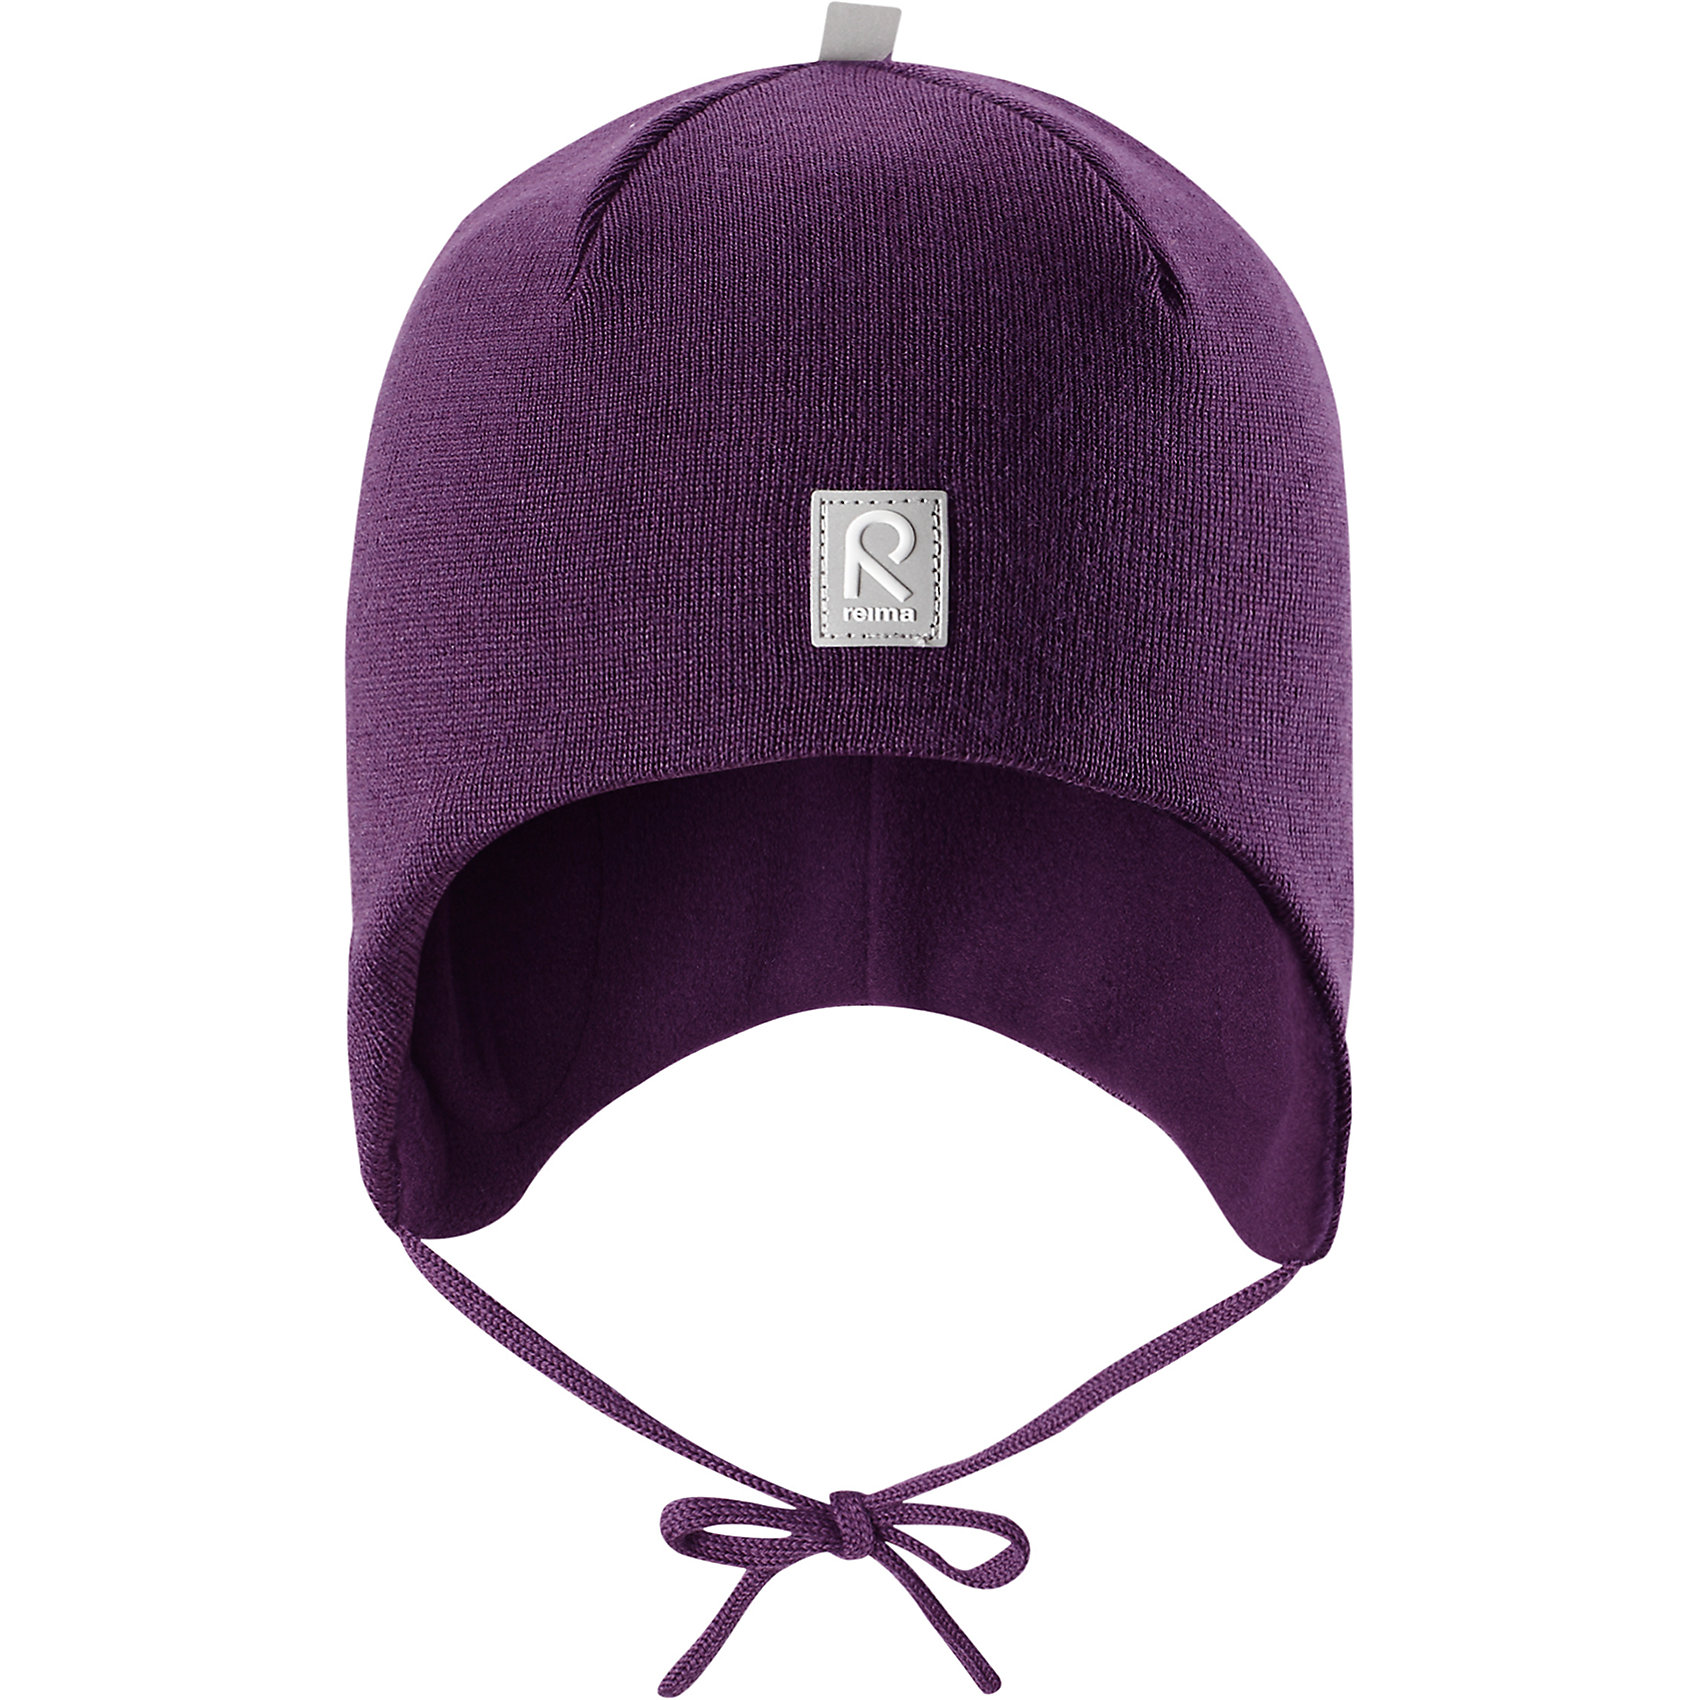 Шапка Reima AuvaШапочки<br>Характеристики товара:<br><br>• цвет: фиолетовый;<br>• состав: 100% шерсть;<br>• подкладка: 100% полиэстер, флис;<br>• температурный режим: от 0 до -20С;<br>• сезон: зима; <br>• особенности модели: вязаная, на подкладке, на завязках;<br>• мягкая ткань из мериносовой шерсти для поддержания идеальной температуры тела;<br>• сплошная подкладка: мягкий флис;<br>• ветронепроницаемые вставки в области ушей;<br>• светоотражающая эмблема;<br>• логотип Reima спереди;<br>• страна бренда: Финляндия;<br>• страна изготовитель: Китай.<br><br>Вязаная шапка на завязках для малышей из мериносовой шерсти подарит уют в морозную погоду: мягкая подкладка из флиса обеспечит ребенку тепло и комфорт. Шерстяная шапка с флисовой подкладкой идеально подходит для маленьких любителей приключений на свежем воздухе, ведь флис быстро сохнет и выводит влагу. <br><br>За счет эластичной вязки шапка отлично сидит, а ветронепроницаемые вставки в области ушей защищают ушки от холодного ветра. Благодаря завязкам эта стильная шапка не съезжает и хорошо защищает голову. Создайте стильный теплый образ: сочетайте шапку с горловиной Star.<br><br>Шапка Auva Reima от финского бренда Reima (Рейма) можно купить в нашем интернет-магазине.<br><br>Ширина мм: 89<br>Глубина мм: 117<br>Высота мм: 44<br>Вес г: 155<br>Цвет: лиловый<br>Возраст от месяцев: 9<br>Возраст до месяцев: 12<br>Пол: Унисекс<br>Возраст: Детский<br>Размер: 46,48,50,52<br>SKU: 6907046